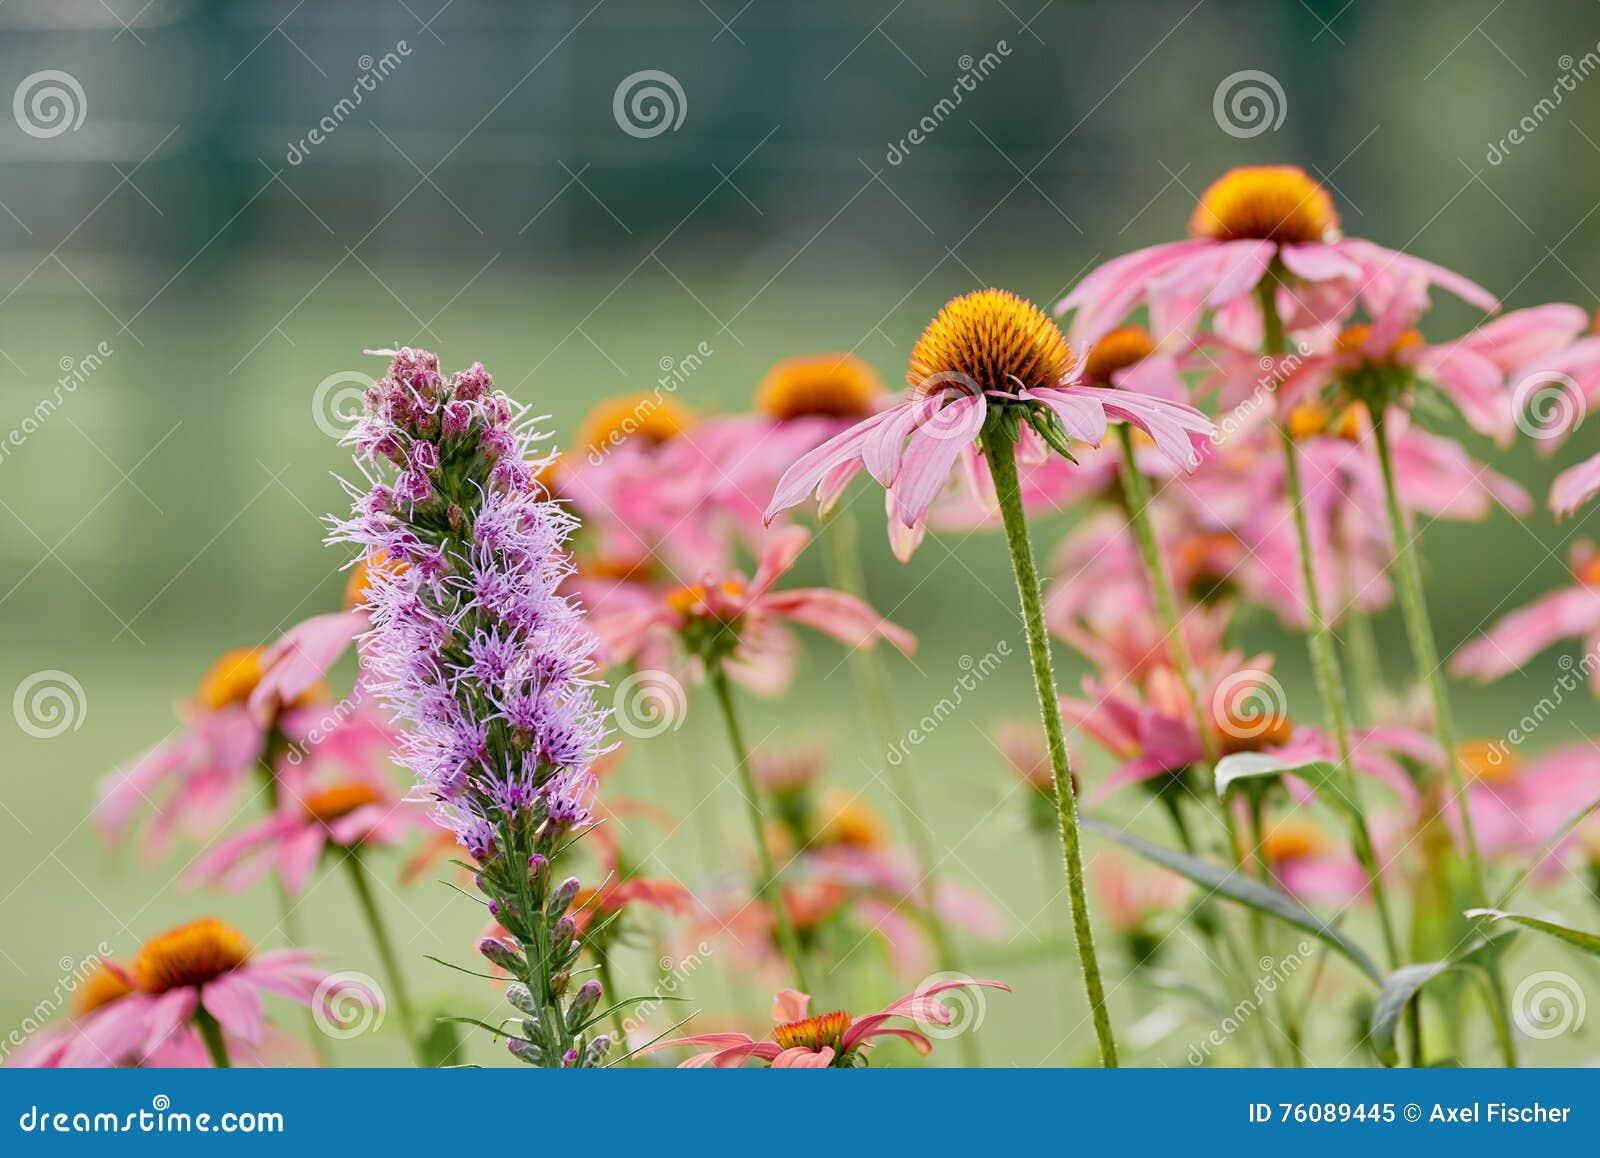 Rose et le pourpre ont coloré des fleurs de pré devant le bokeh vert